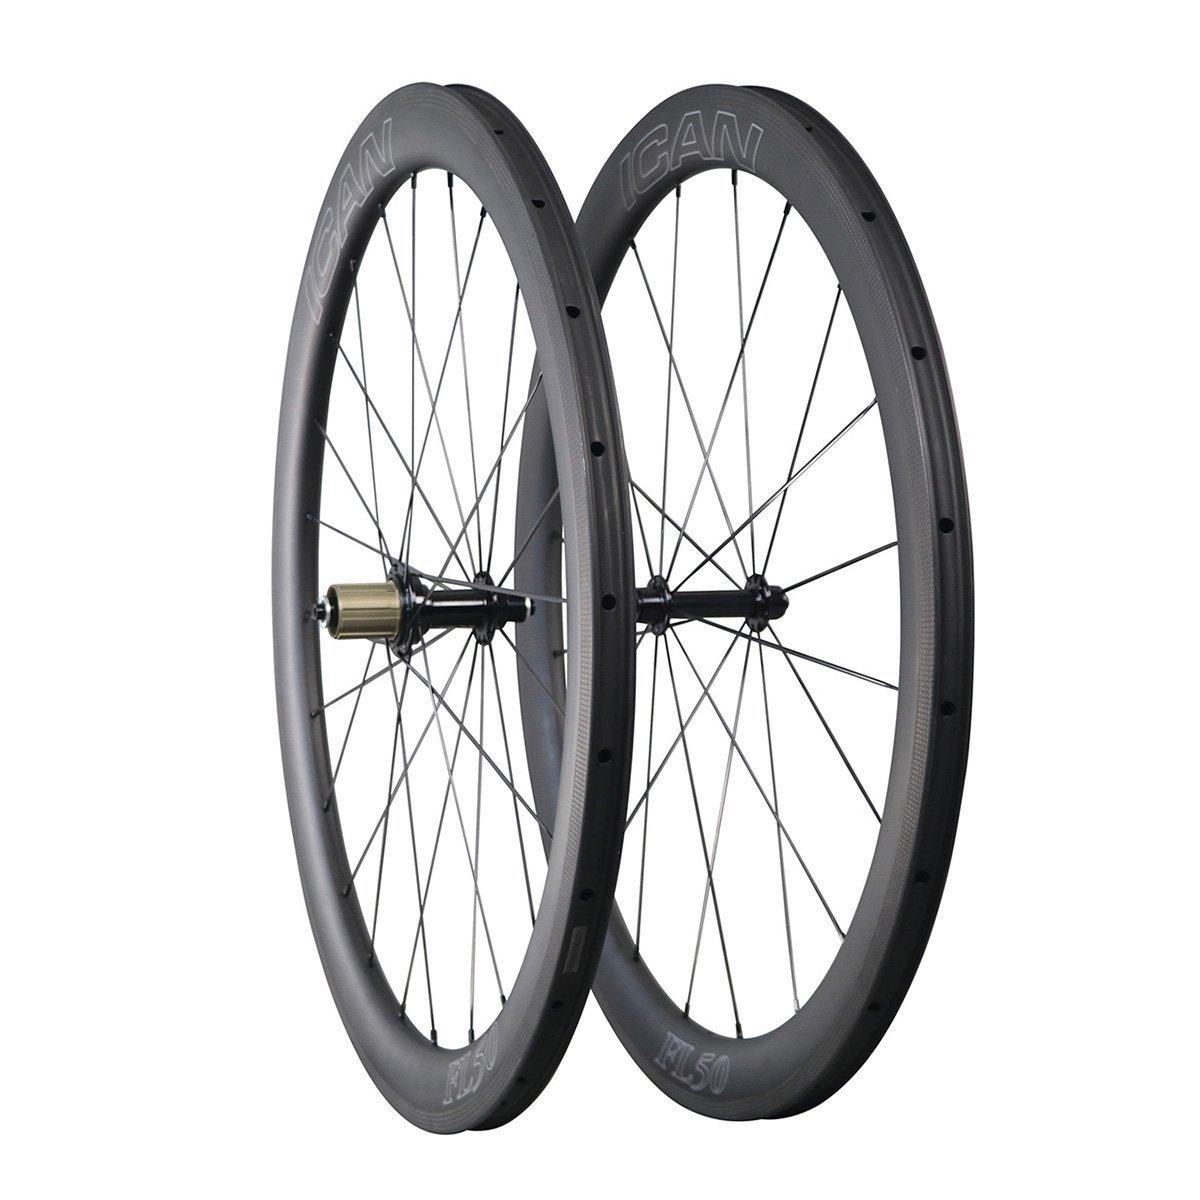 ICAN 700C Carbono Carretera Bicicleta Rueda 50mm Clincher Tubeless listo Sólo 1577g: Amazon.es: Deportes y aire libre